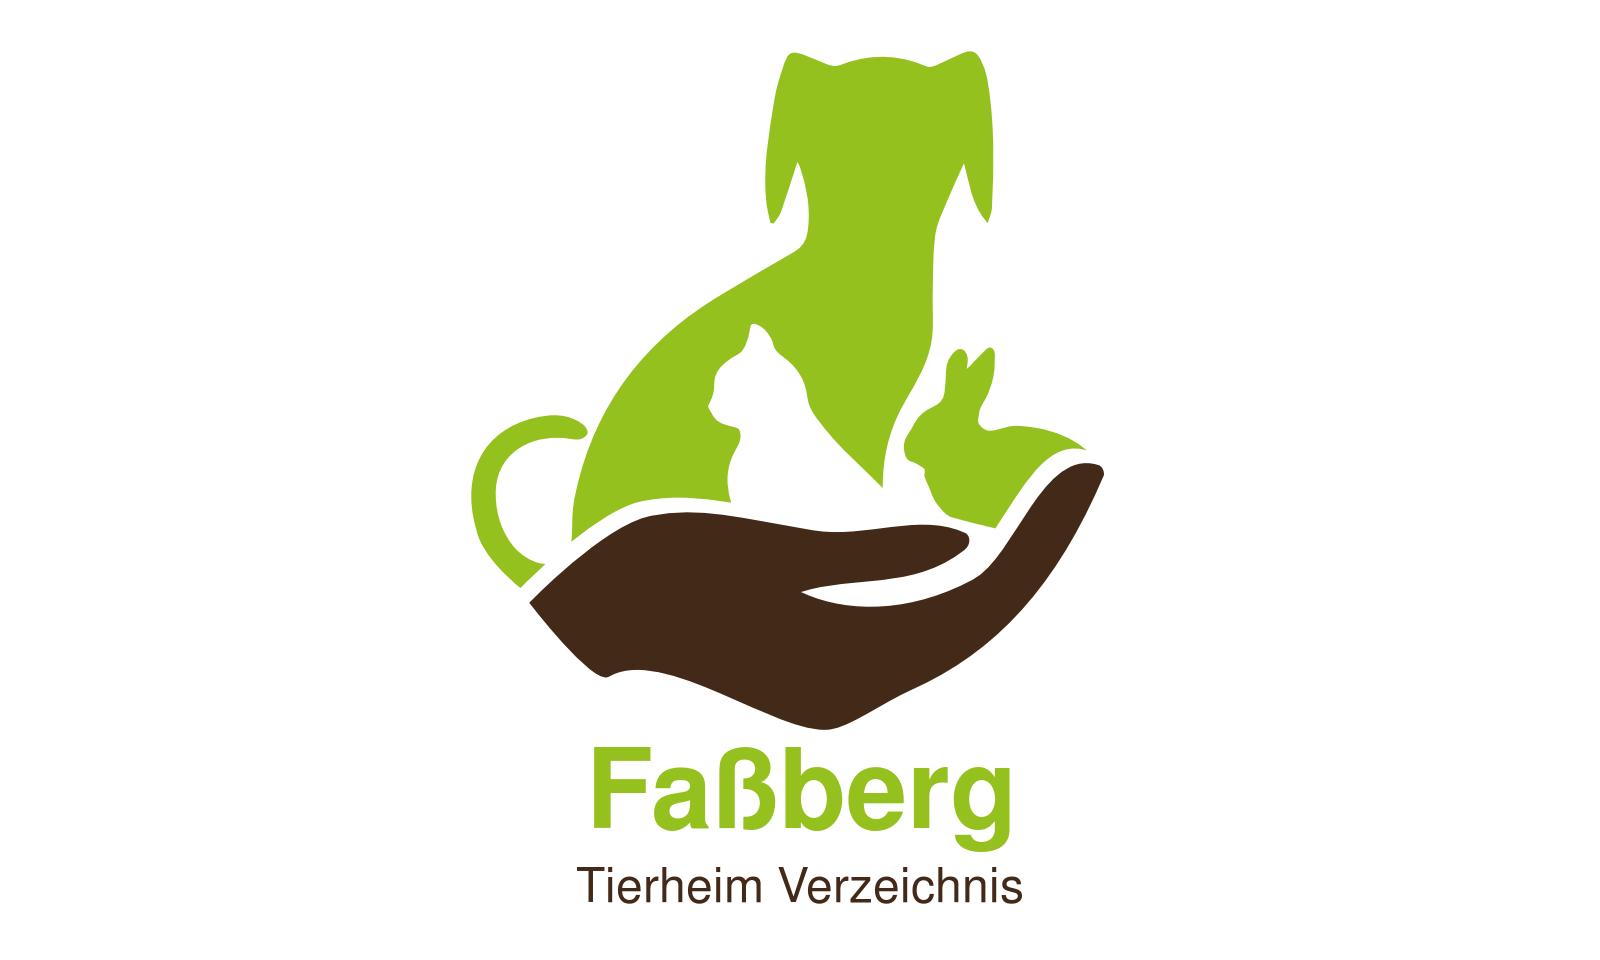 Tierheim Faßberg